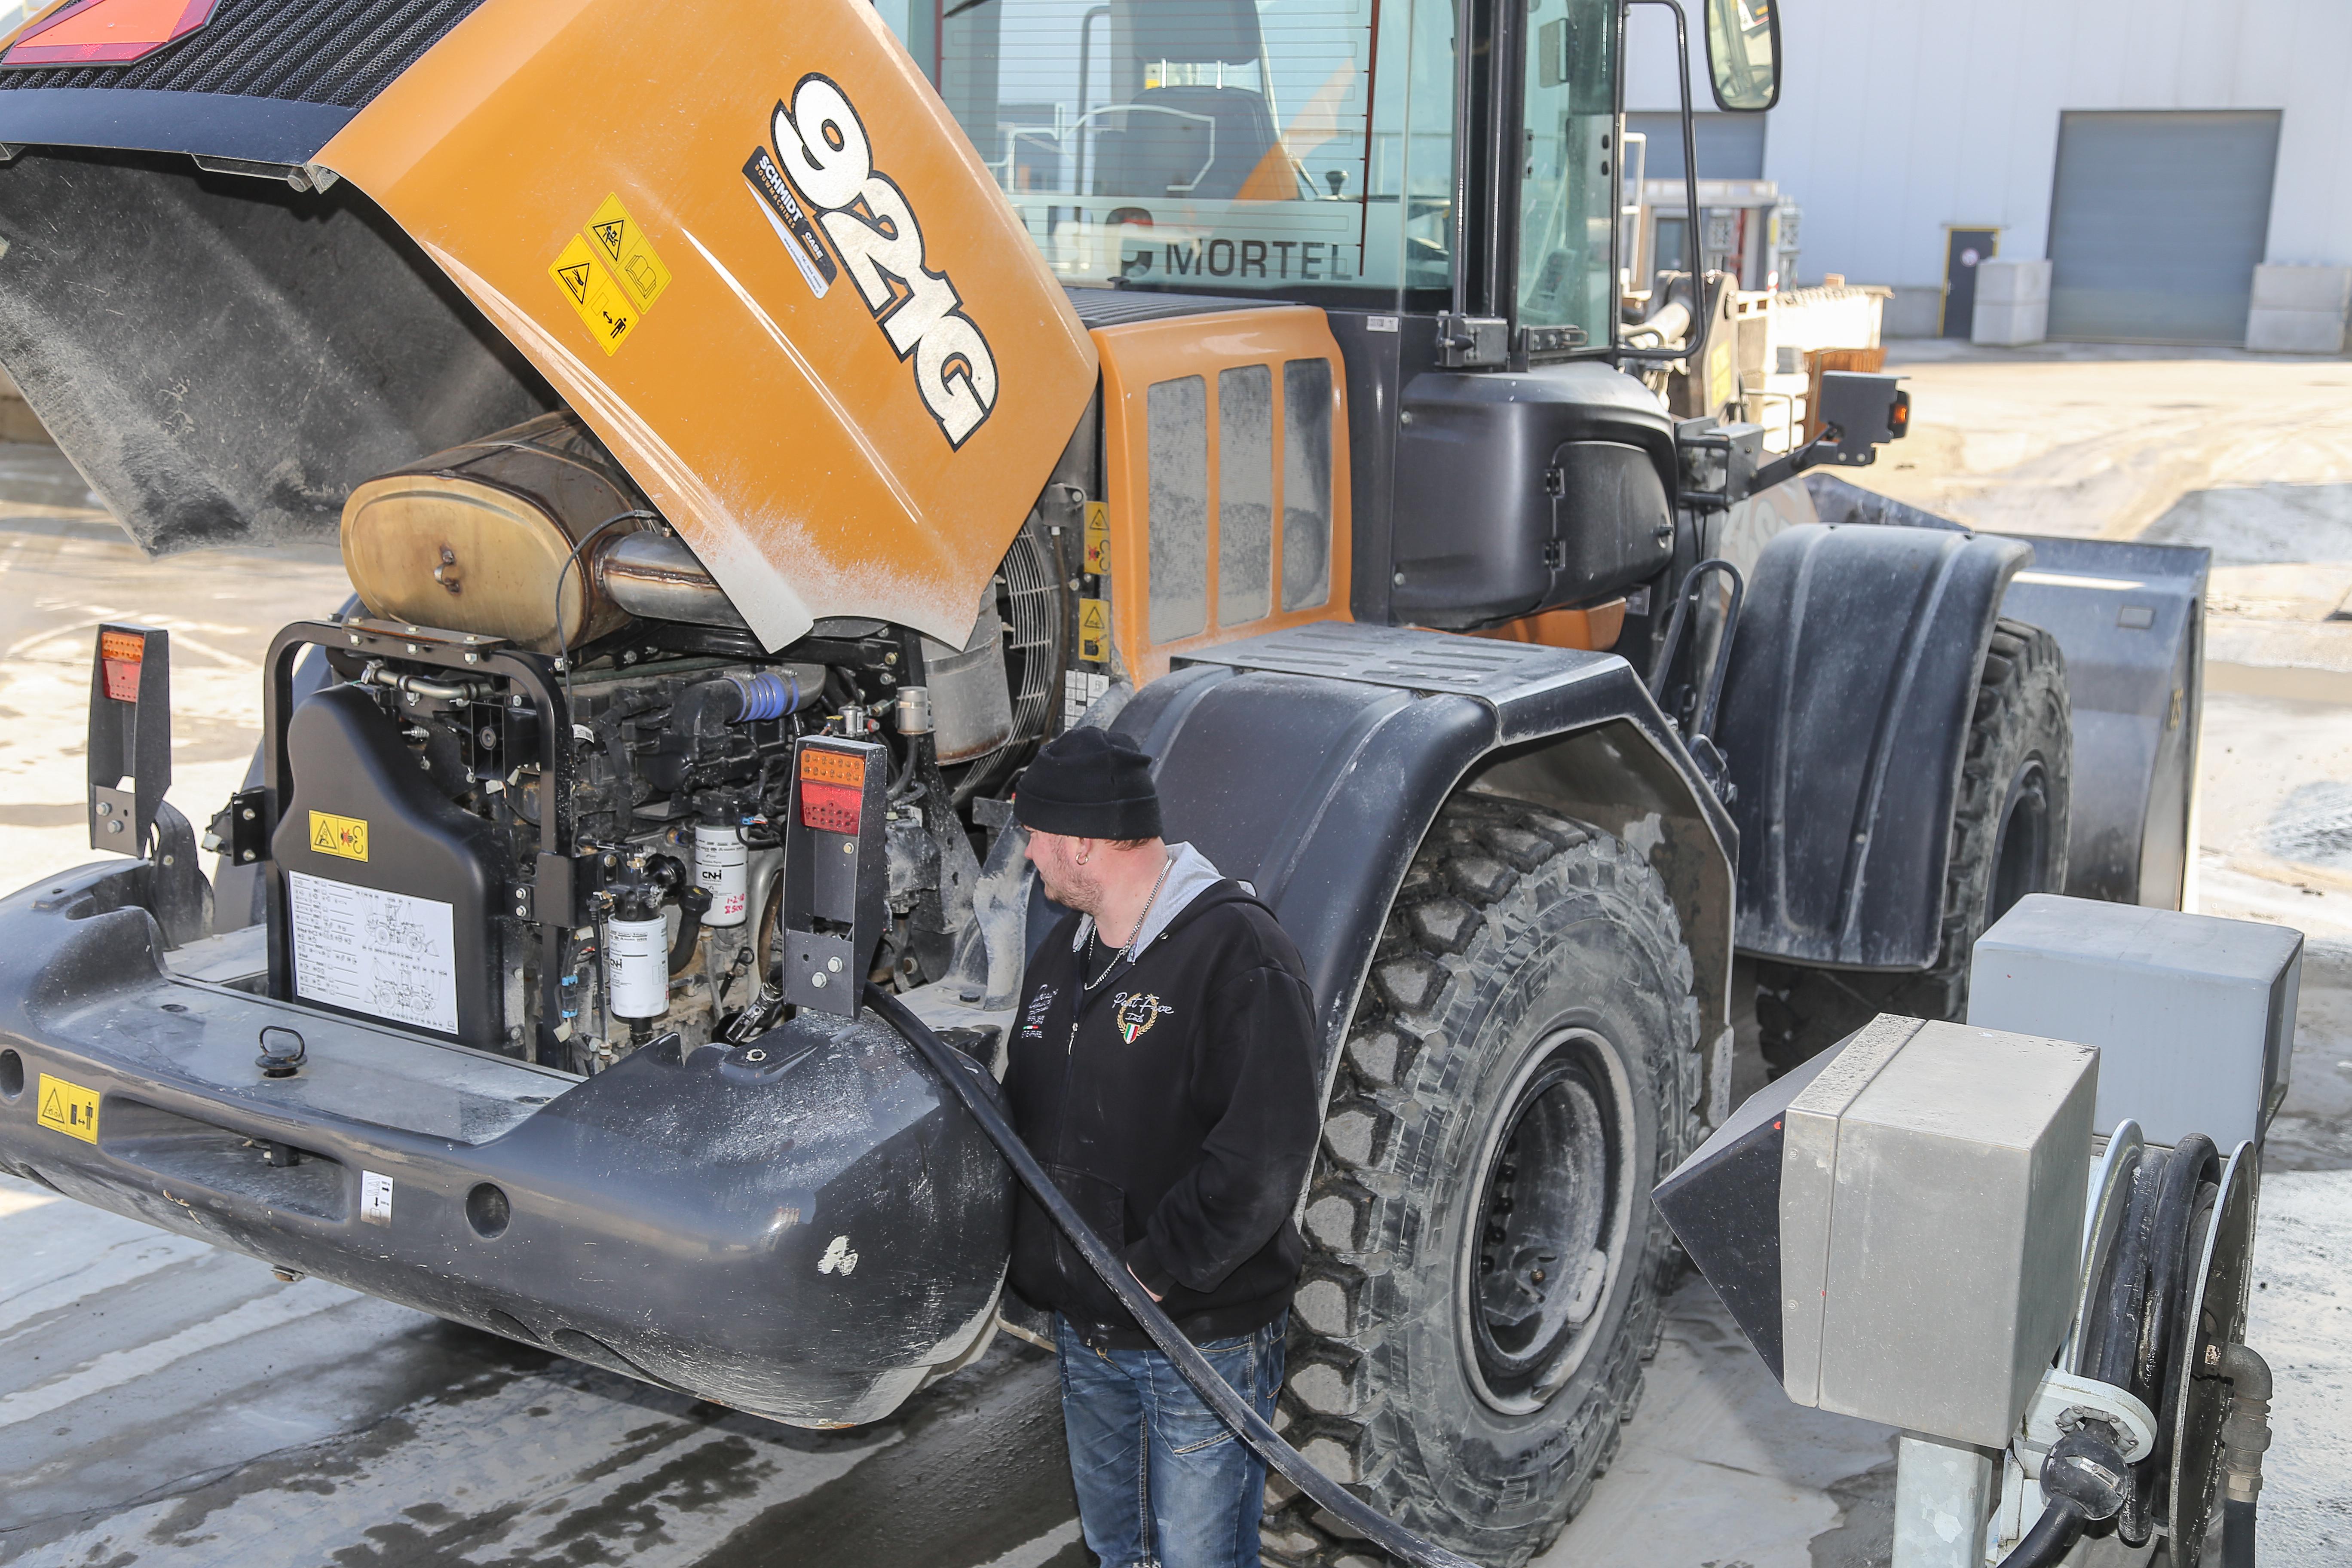 <p>Dagelijks onderhoud is tot een minimum beperkt dankzij het automatische smeersysteem. Af en toe tanken is onontkoombaar. De motorkap opent overigens elektrisch. </p>